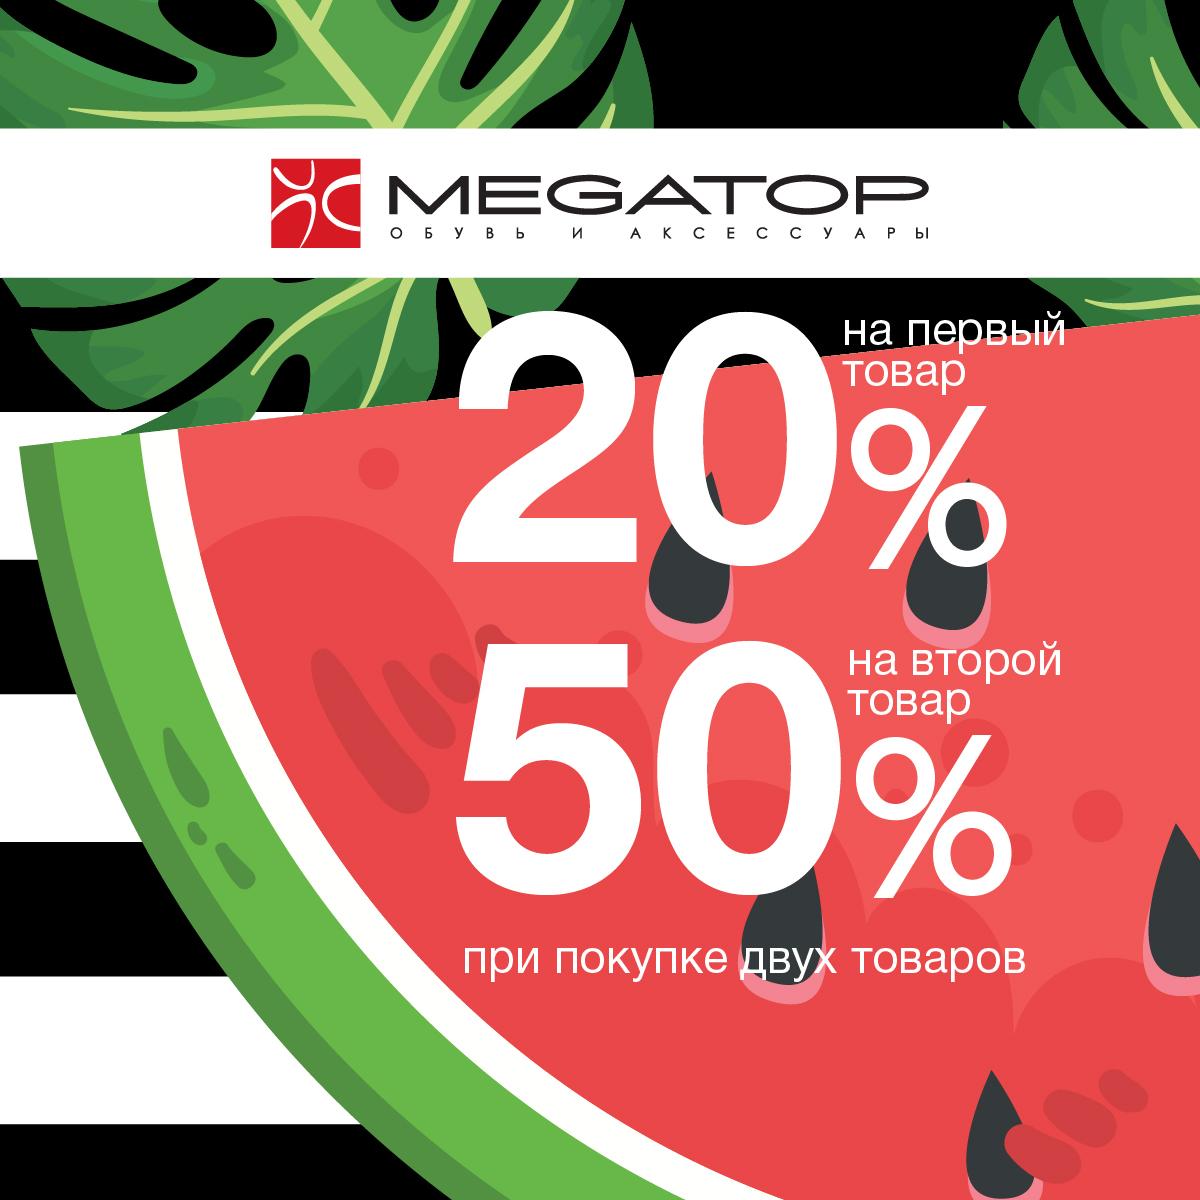 Акция в магазине MEGATOP